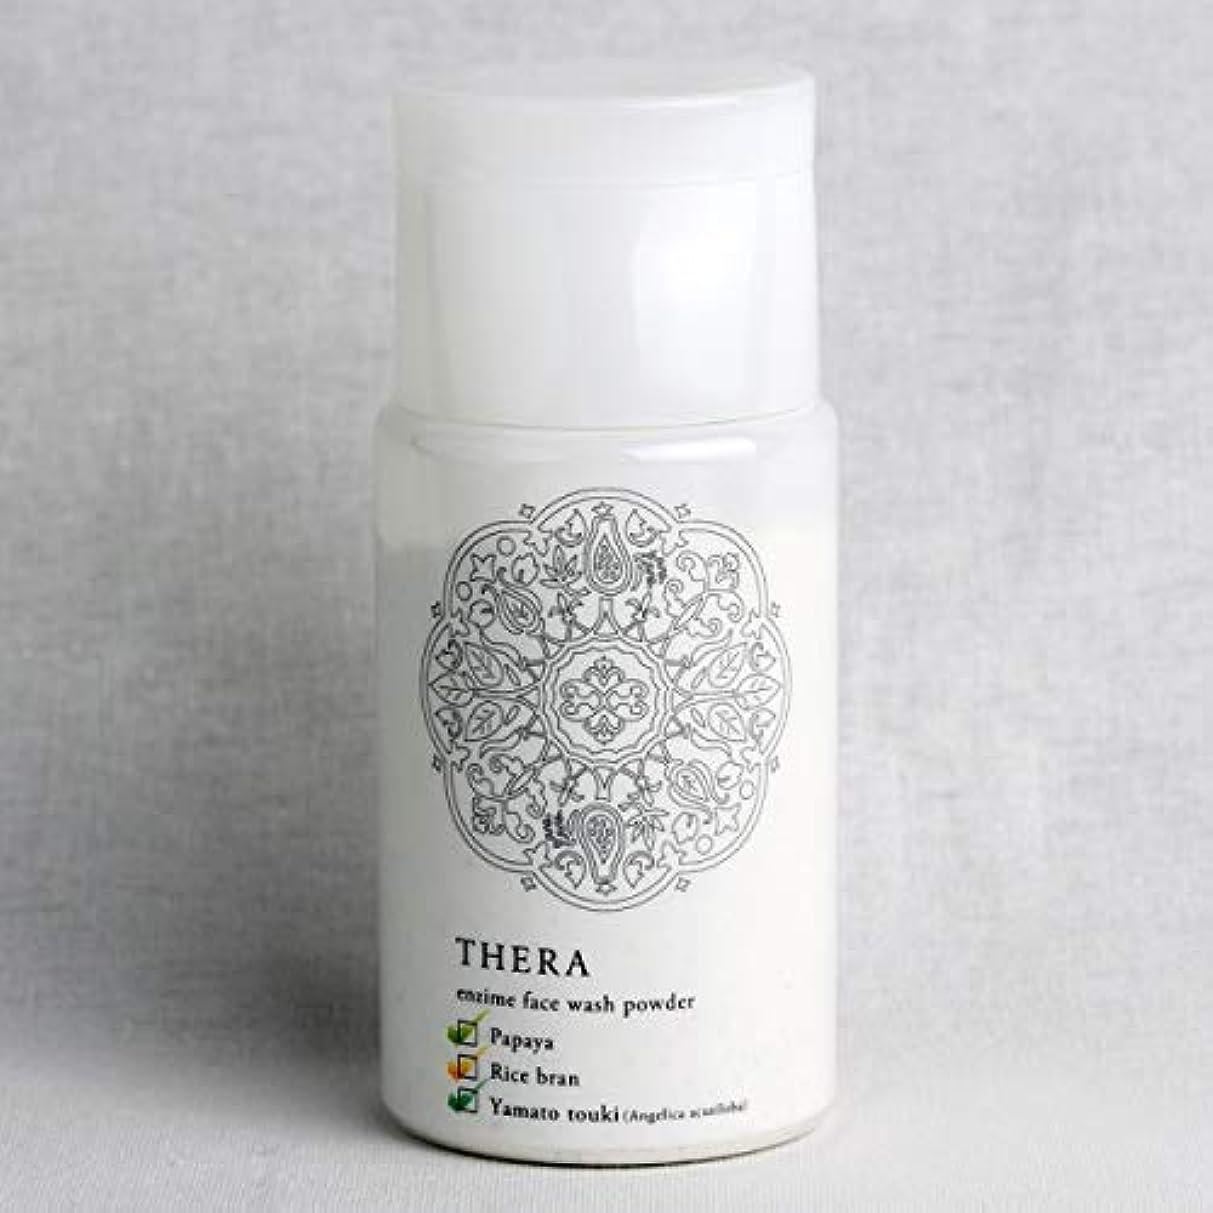 旧正月推進政策THERA(テラ) 酵素のあらい粉 洗顔 あおい 50g